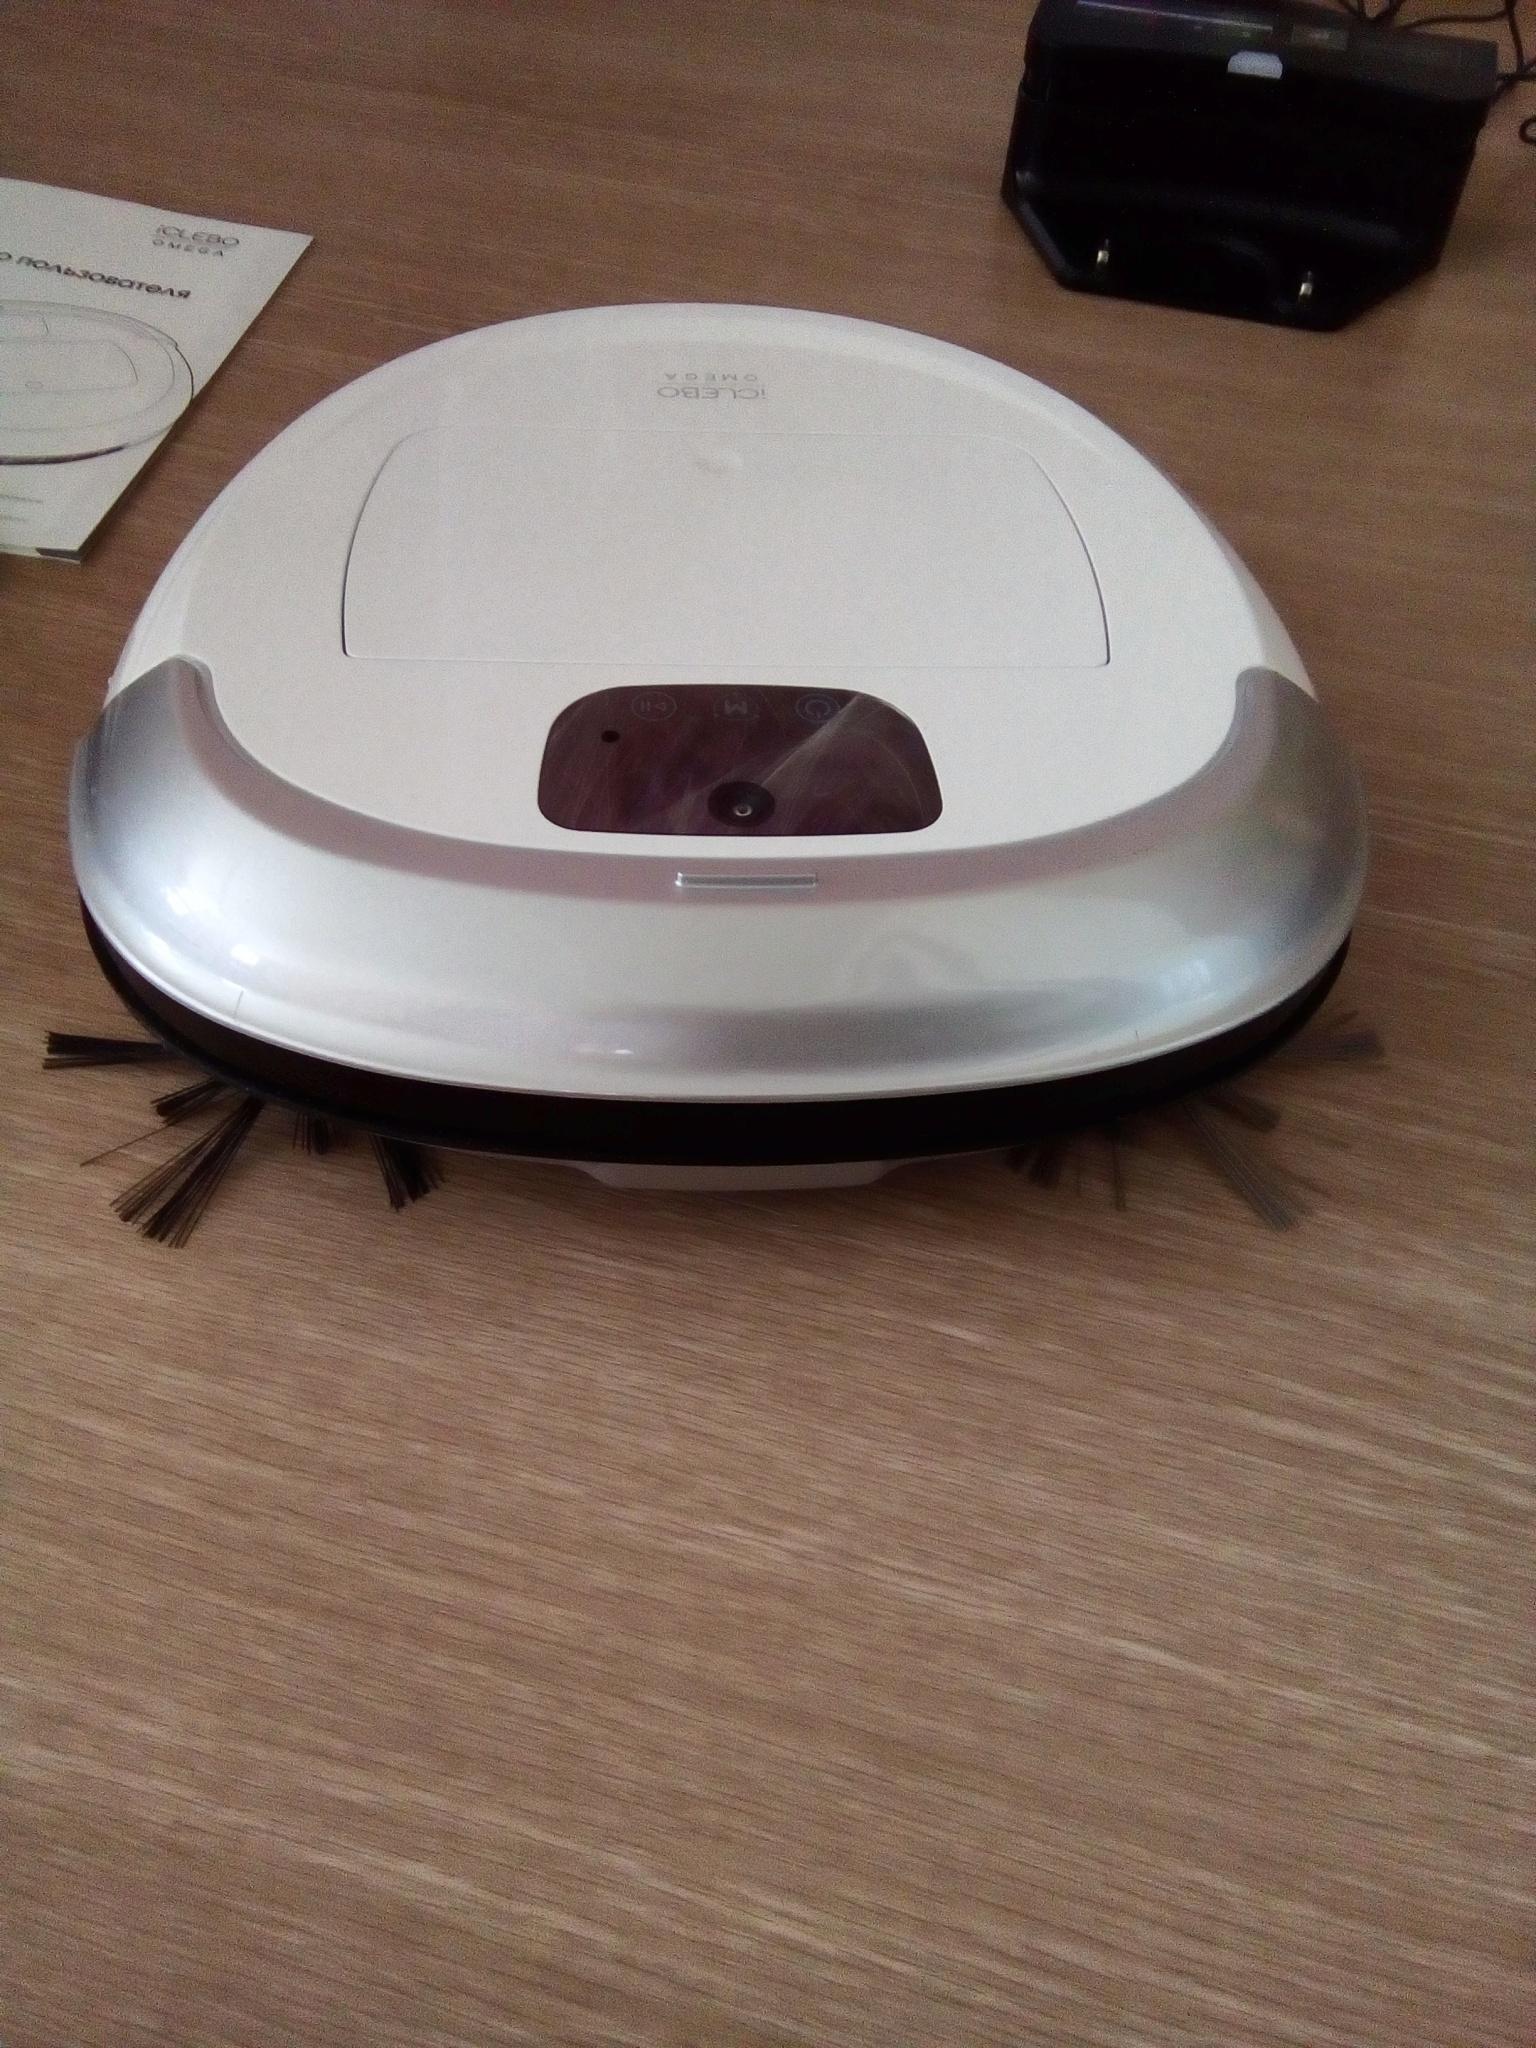 Обзор робота пылесоса iclebo omega — функции и оценка роботизированного пылесоса